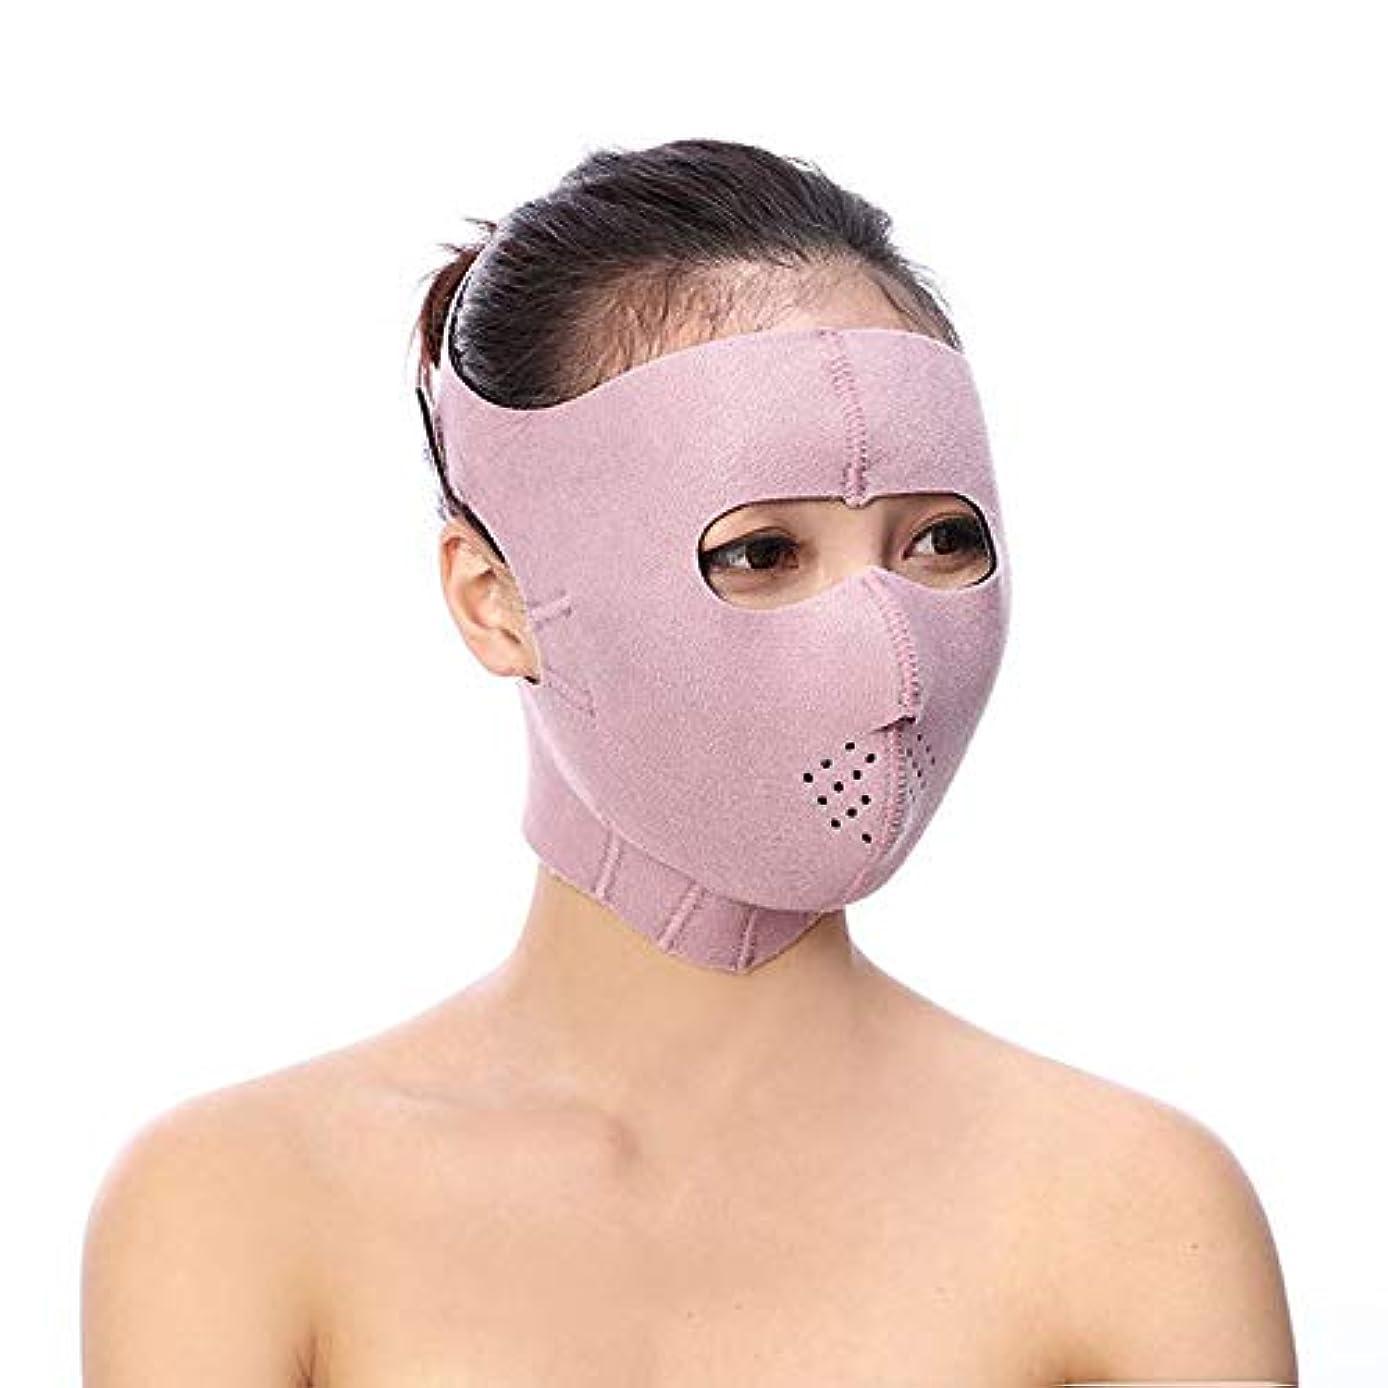 解読する目を覚ます啓発するMinmin フェイシャルリフティング痩身ベルト - Vフェイス包帯マスクフェイシャルマッサージャー無料の薄いフェイス包帯整形マスクを引き締める顔と首の顔スリム みんみんVラインフェイスマスク